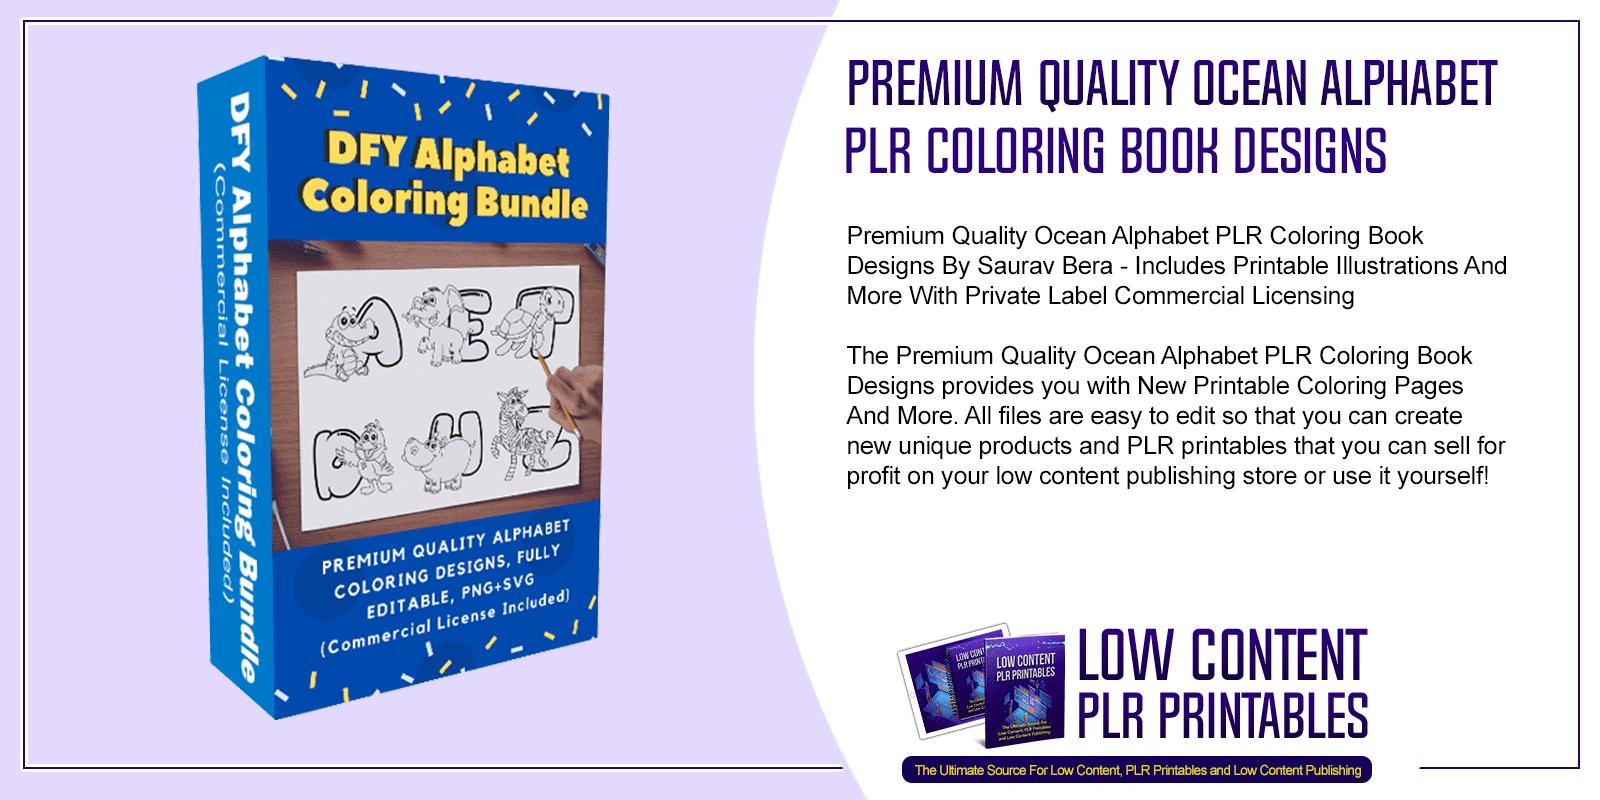 Premium Quality Ocean Alphabet PLR Coloring Book Designs